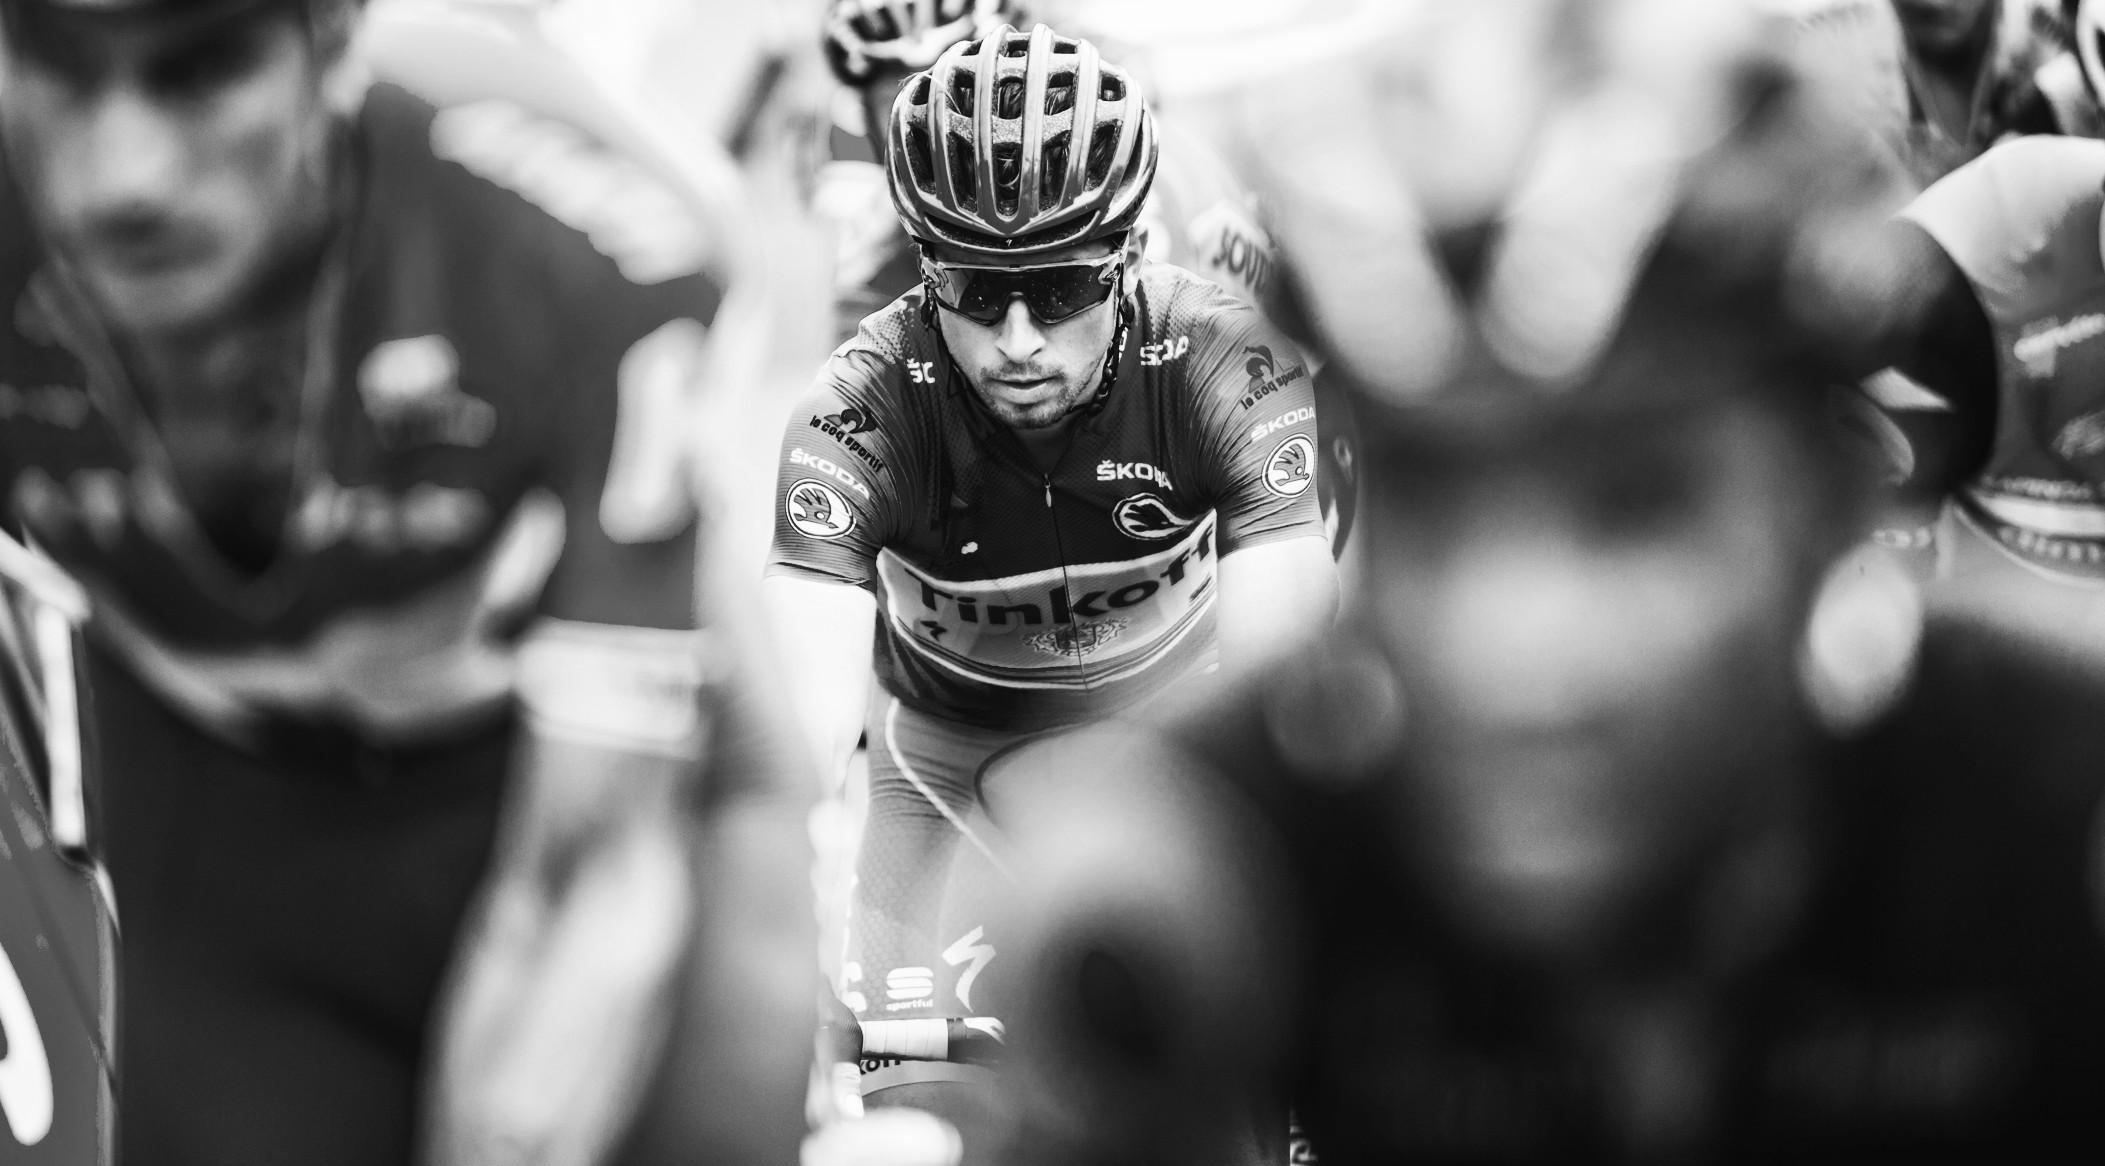 2016 Tour de France - Stage 19